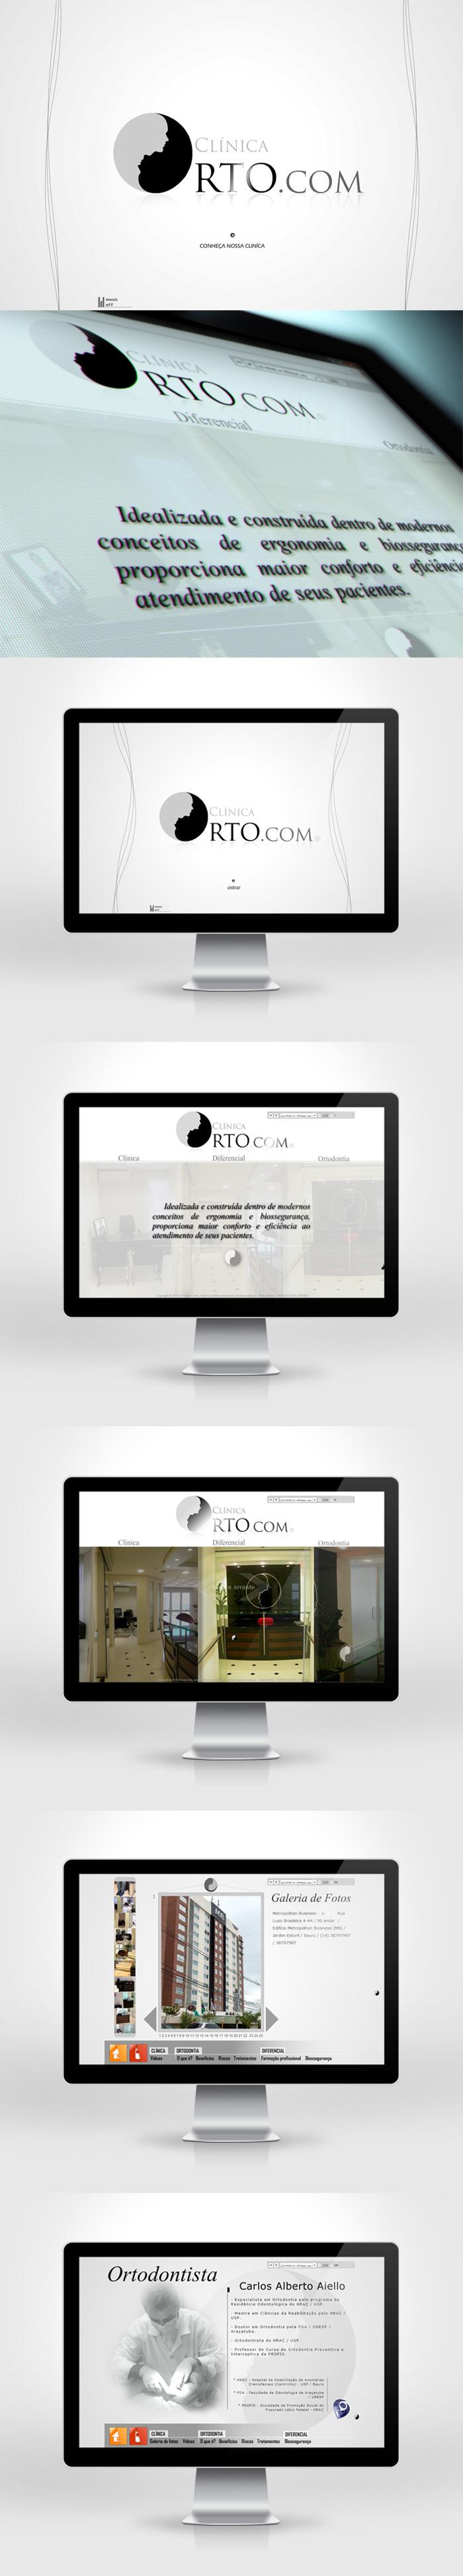 Site Institucional da Clínica Orto.com